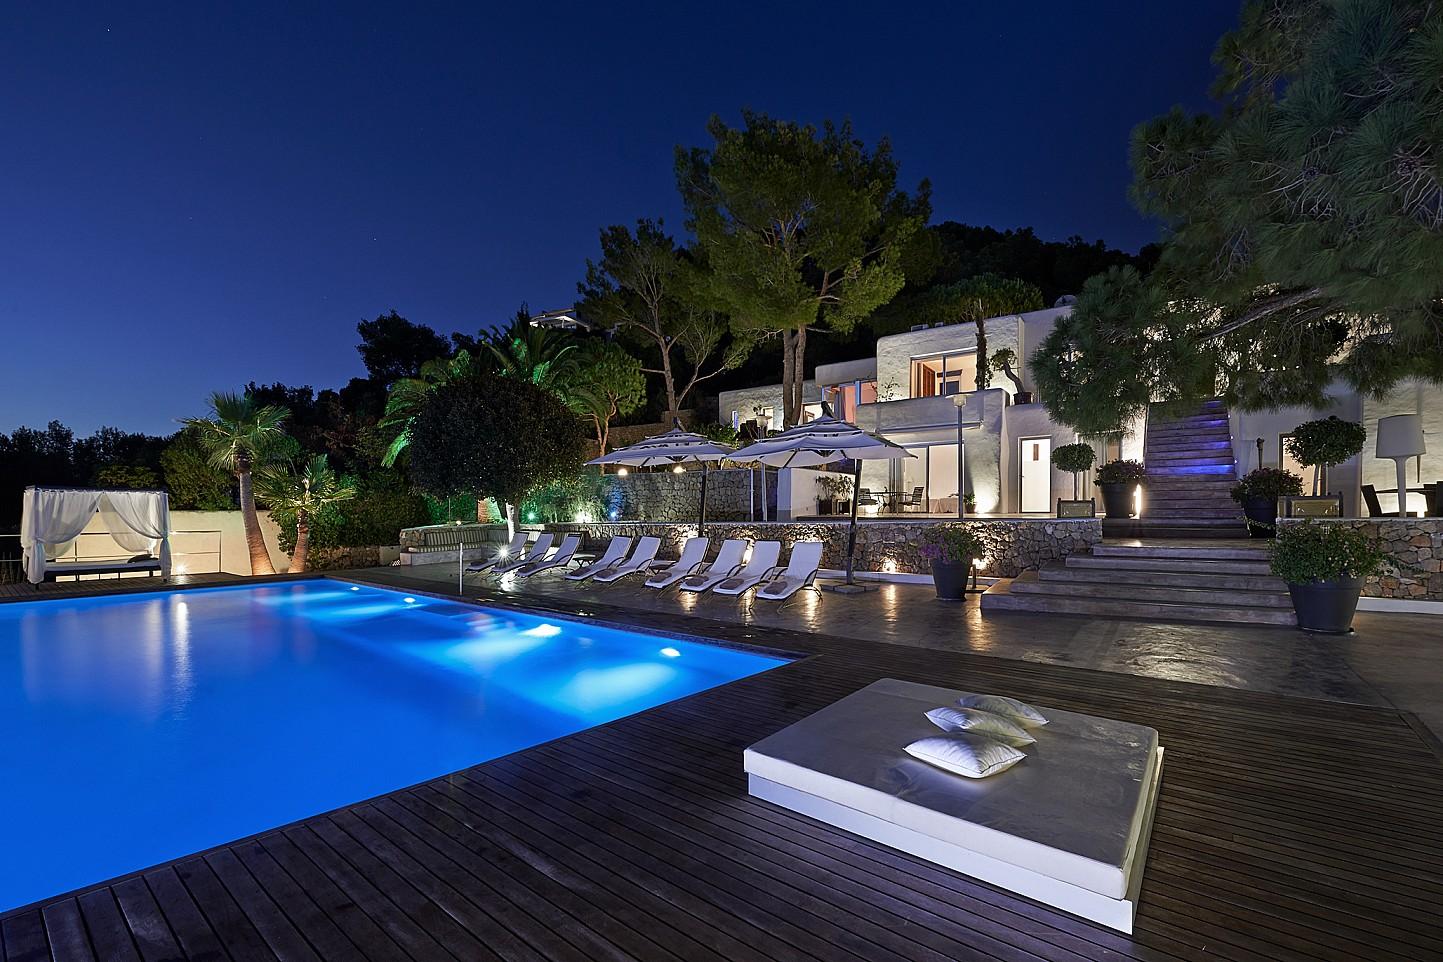 Buena iluminación nocturna de la piscina y la casa